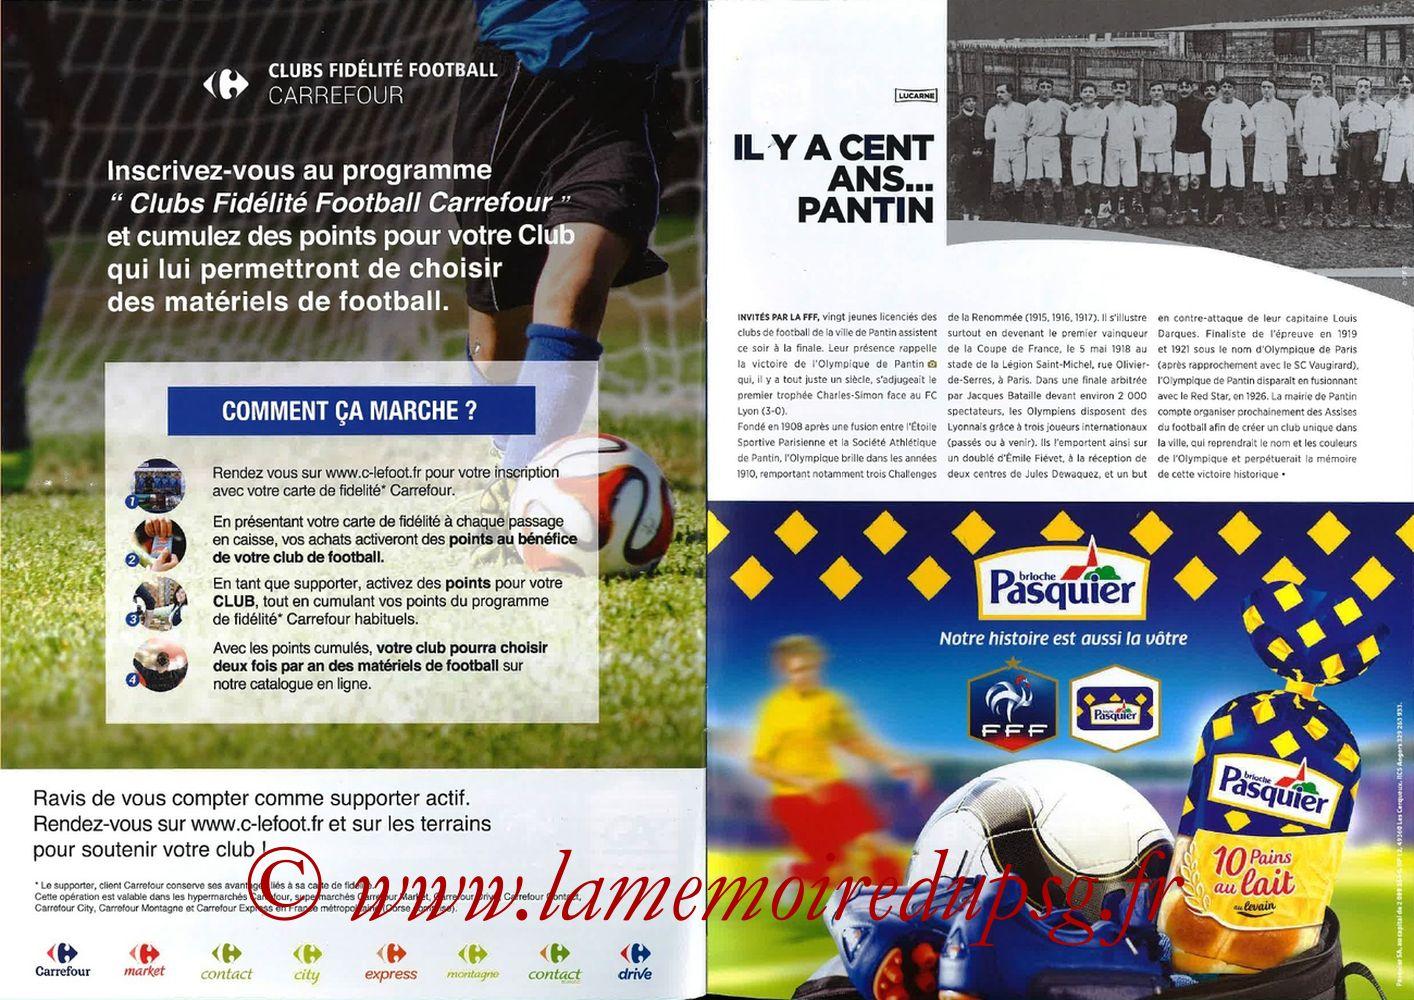 2018-05-08  Les Herbiers-PSG (Finale CF à Saint-Denis, Programme officiel FFF) - Pages 20 et 21